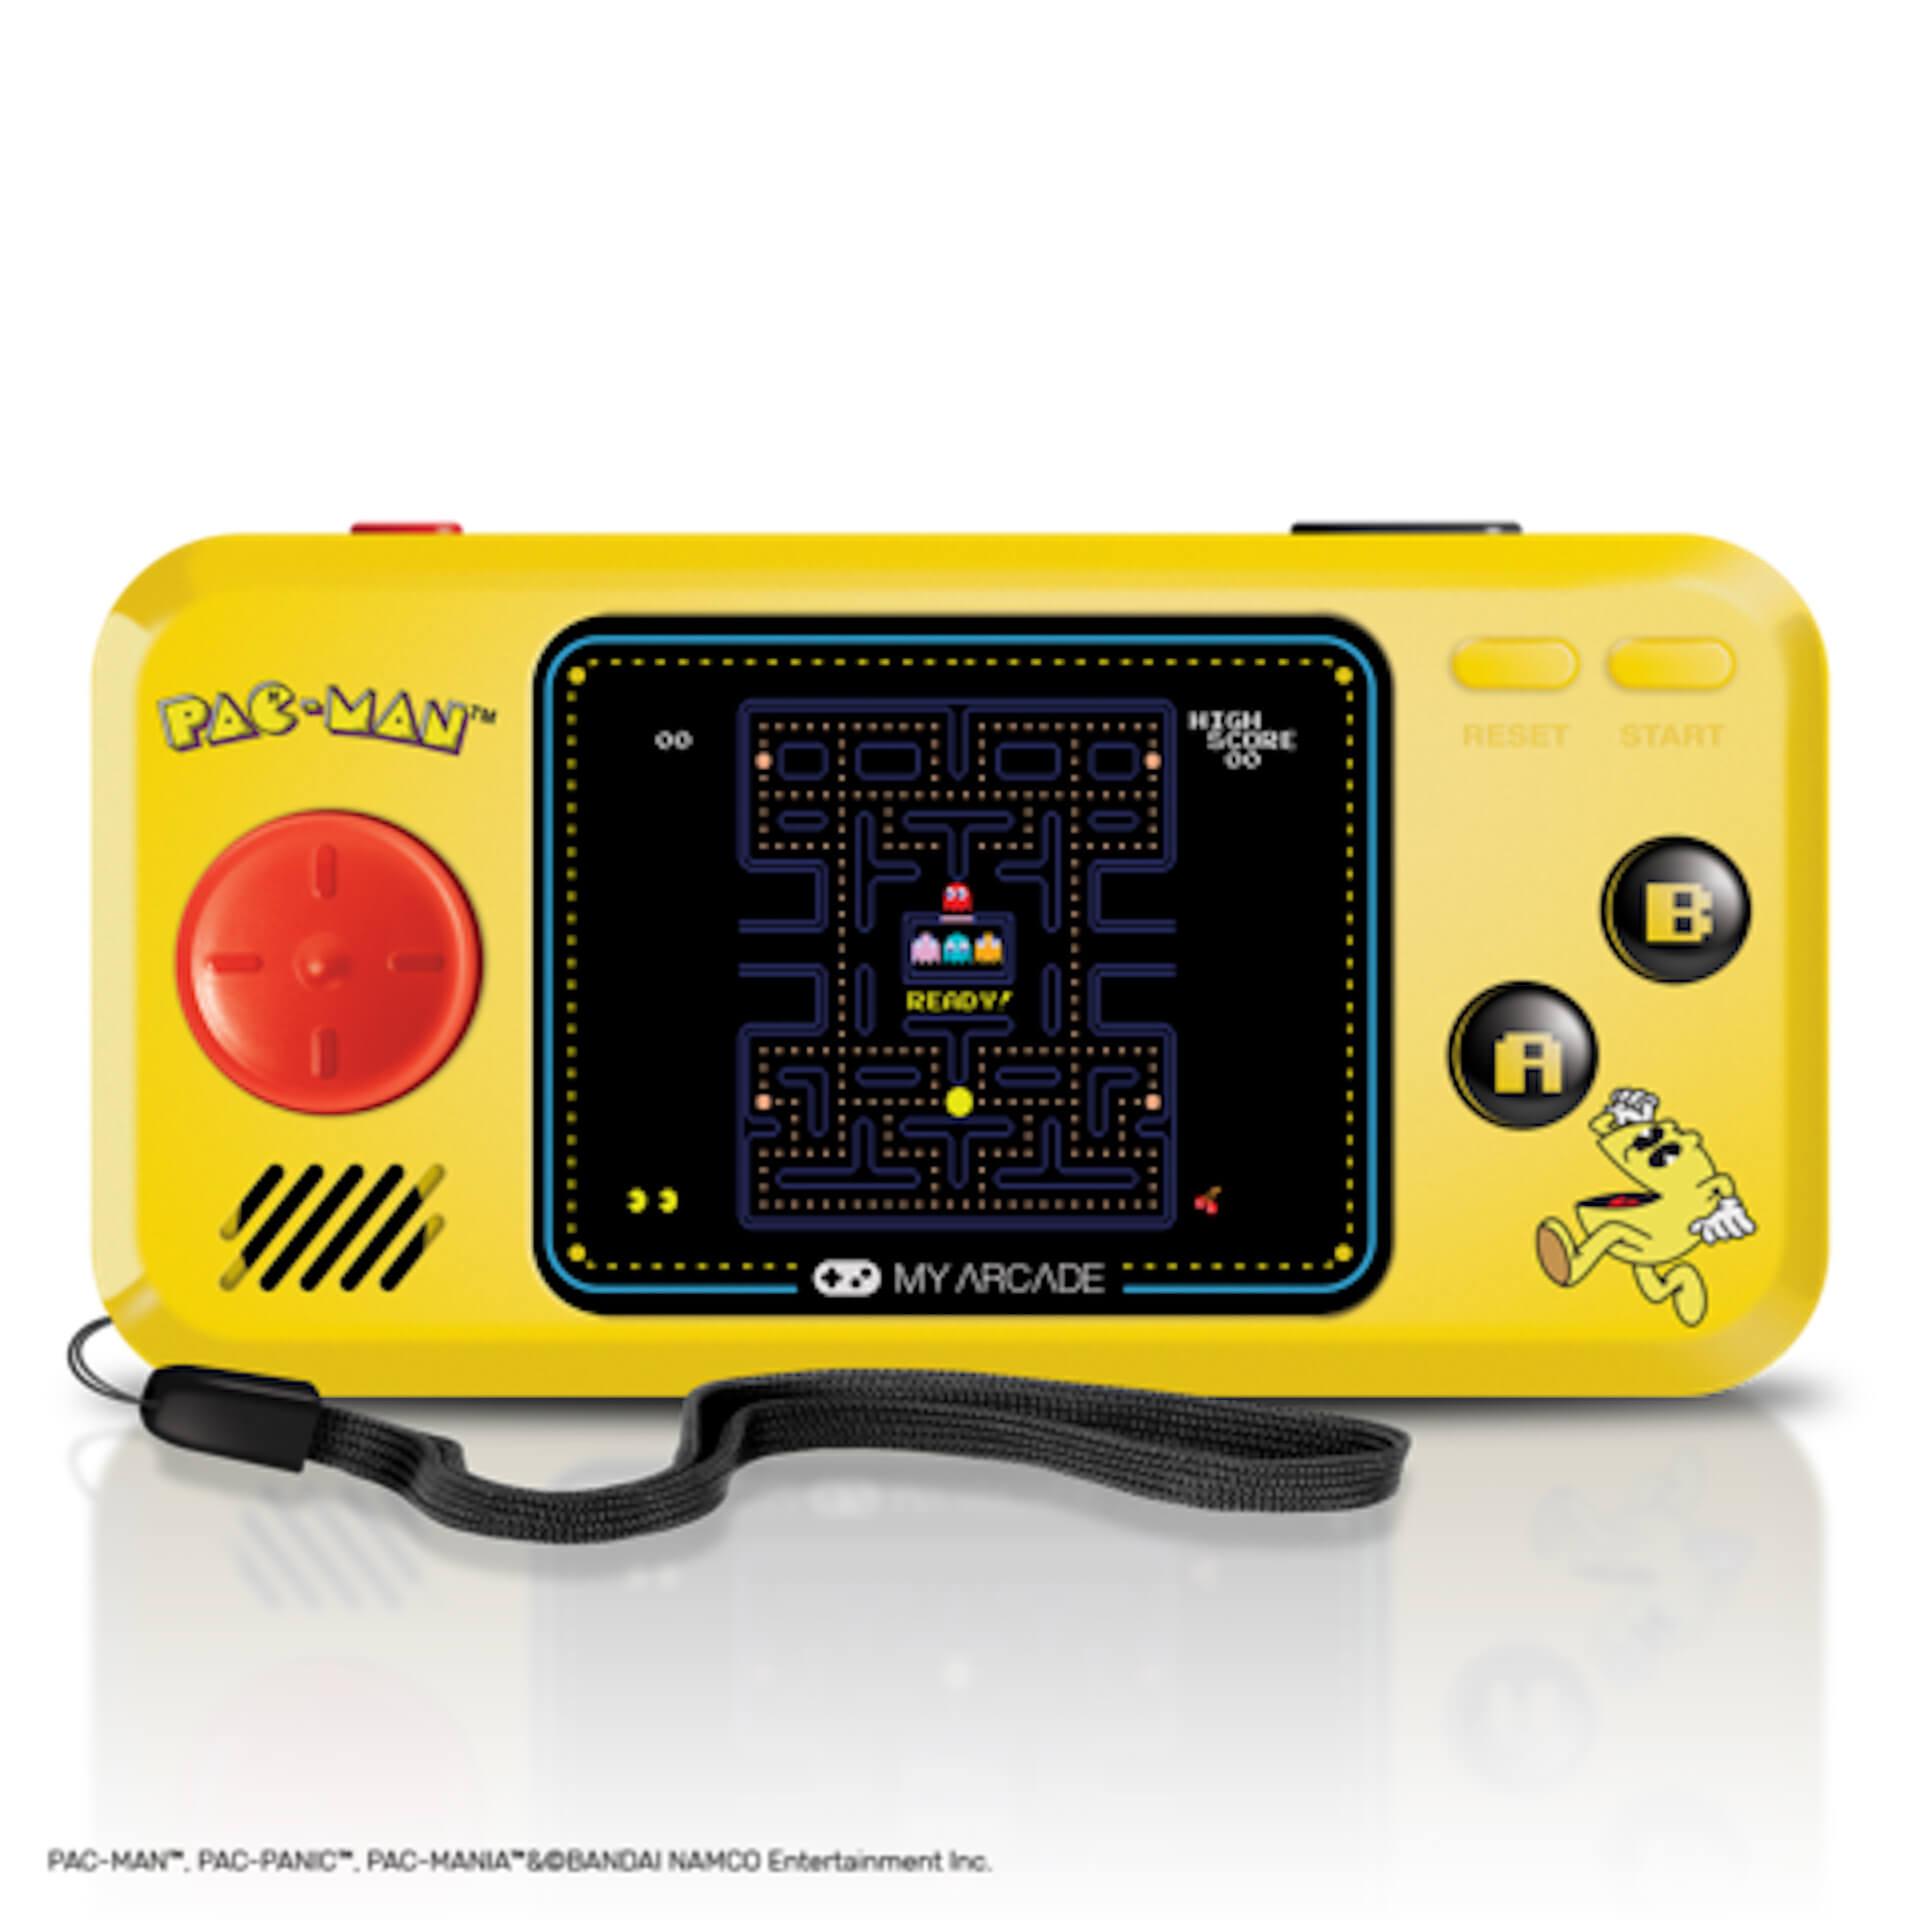 パックマンのミニチュアアーケードが家にやってくる!誕生40周年を記念した小型ゲーム機が続々登場 tech200610_pacman_2